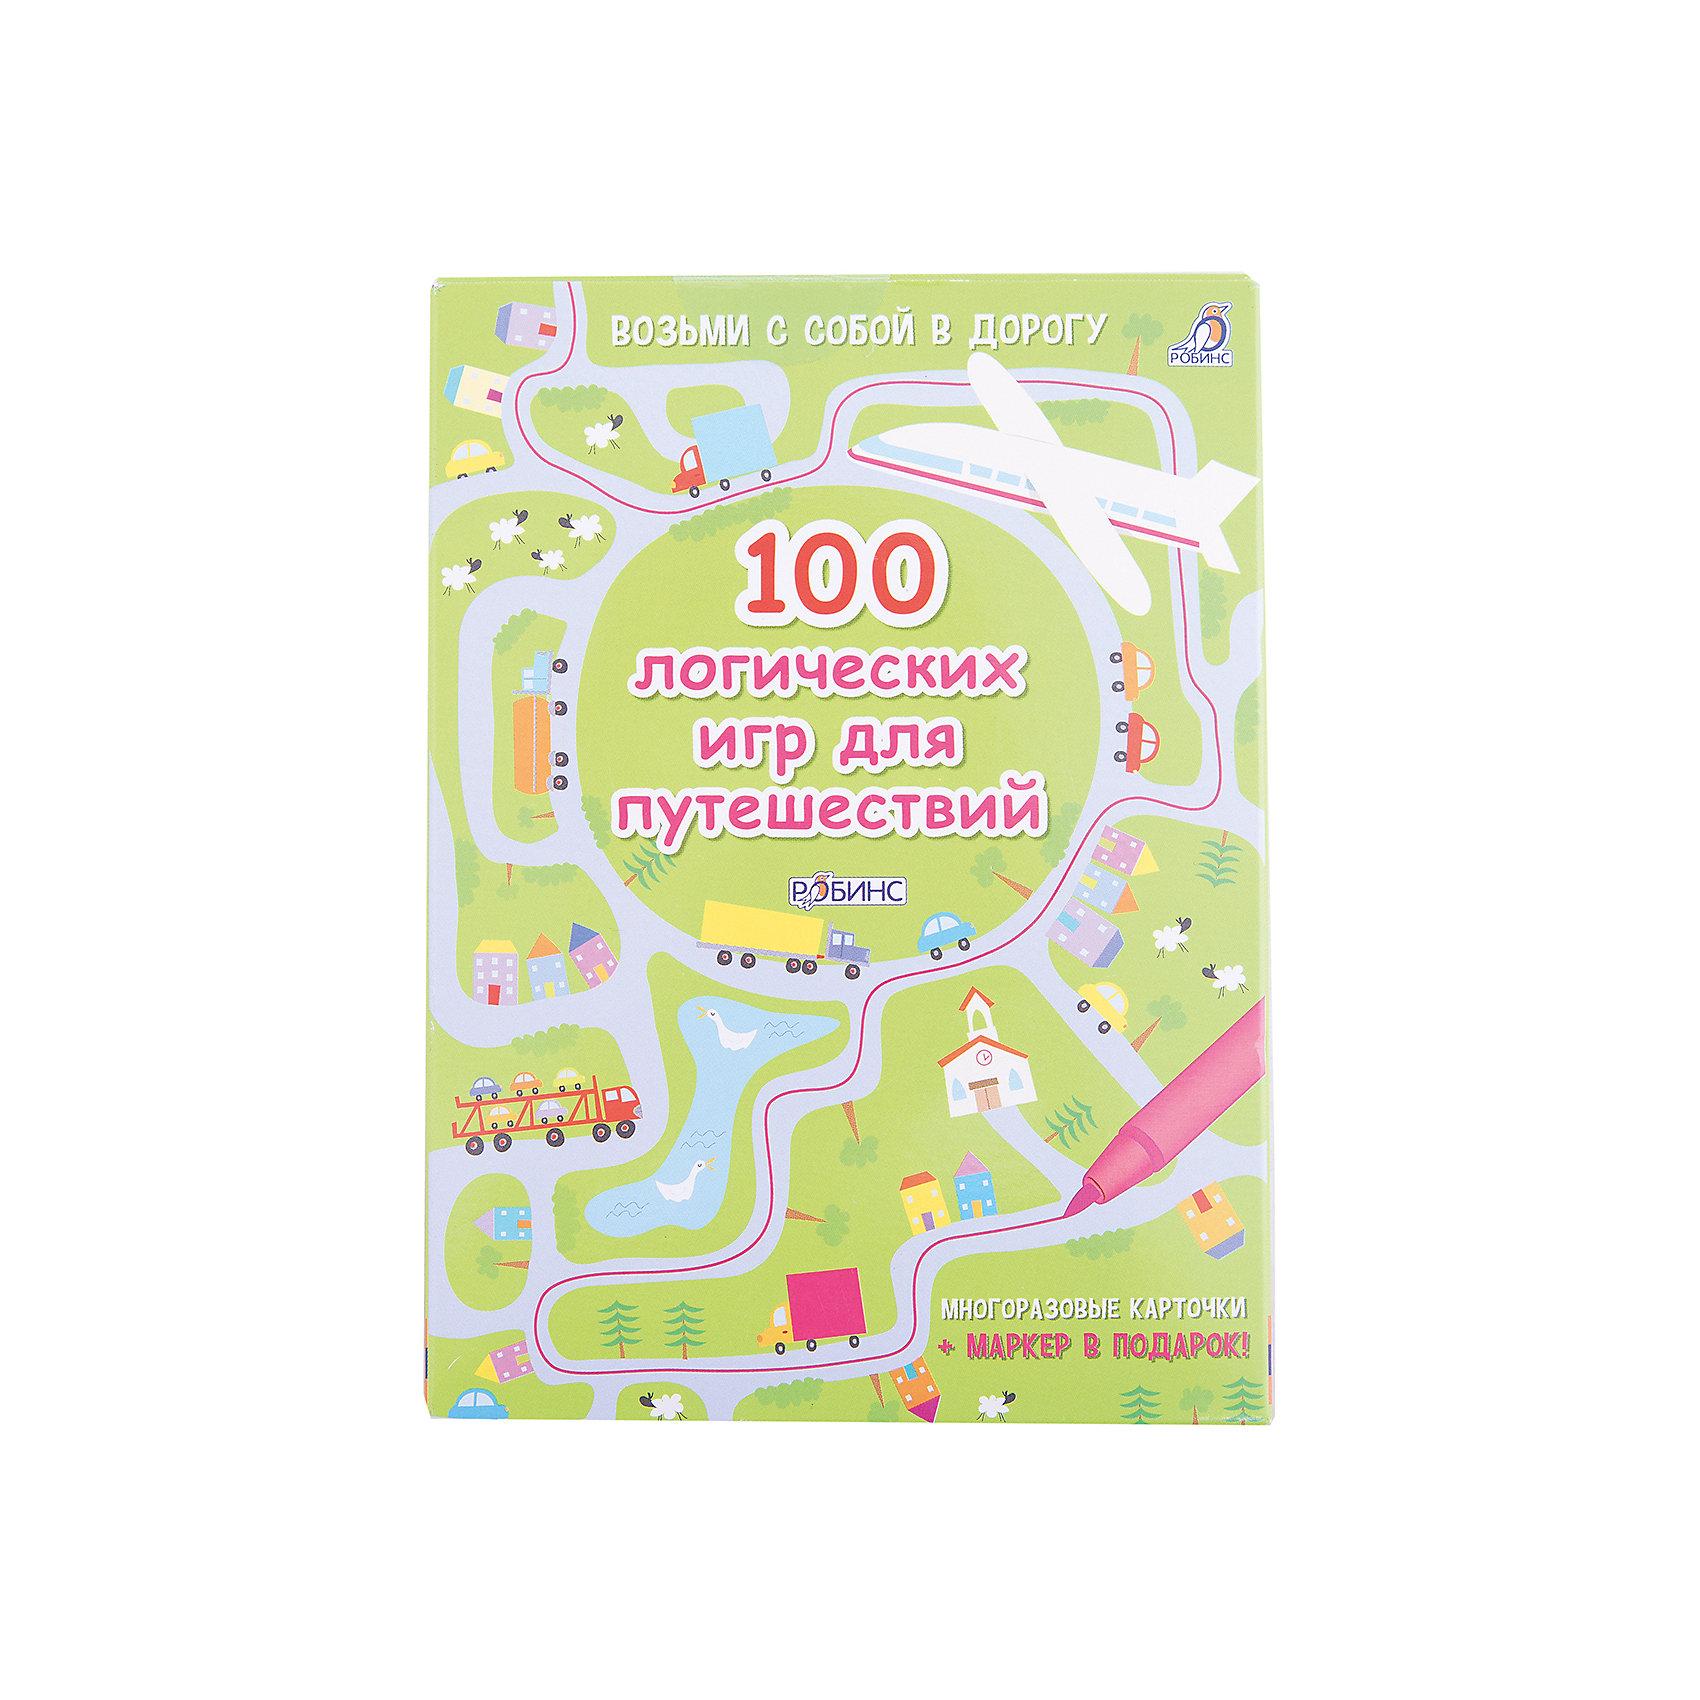 Карточки 100 логических игр для путешествийИгры в дорогу<br>Увлекательный набор «100 логических игр для путешествий» поможет маленькому путешественнику интересно и весело провести время во время длительных поездок. В наборе представлены специальные карточки с разнообразными играми, головоломками, заданиями для развития логики, смекалки и творческого мышления, а также маркер, которым можно рисовать и писать. Поверхность карточек обладает стирающимися свойствами: пометки и рисунки сделанные на них легко стираются.<br><br>Дополнительная информация:<br><br>- Художник: Н. Фигг.<br>- Иллюстрации: цветные.<br>- Объем: 50 карточек в картонной коробке. <br>- Размер упаковки: 15,5 х 11,5 х 2,5 см.<br>- Вес: 0,295 кг. <br><br>Набор Асборн - карточек 100 логических игр для путешествий, Робинс можно купить в нашем интернет-магазине.<br><br>Ширина мм: 155<br>Глубина мм: 25<br>Высота мм: 115<br>Вес г: 295<br>Возраст от месяцев: 36<br>Возраст до месяцев: 60<br>Пол: Унисекс<br>Возраст: Детский<br>SKU: 3733252